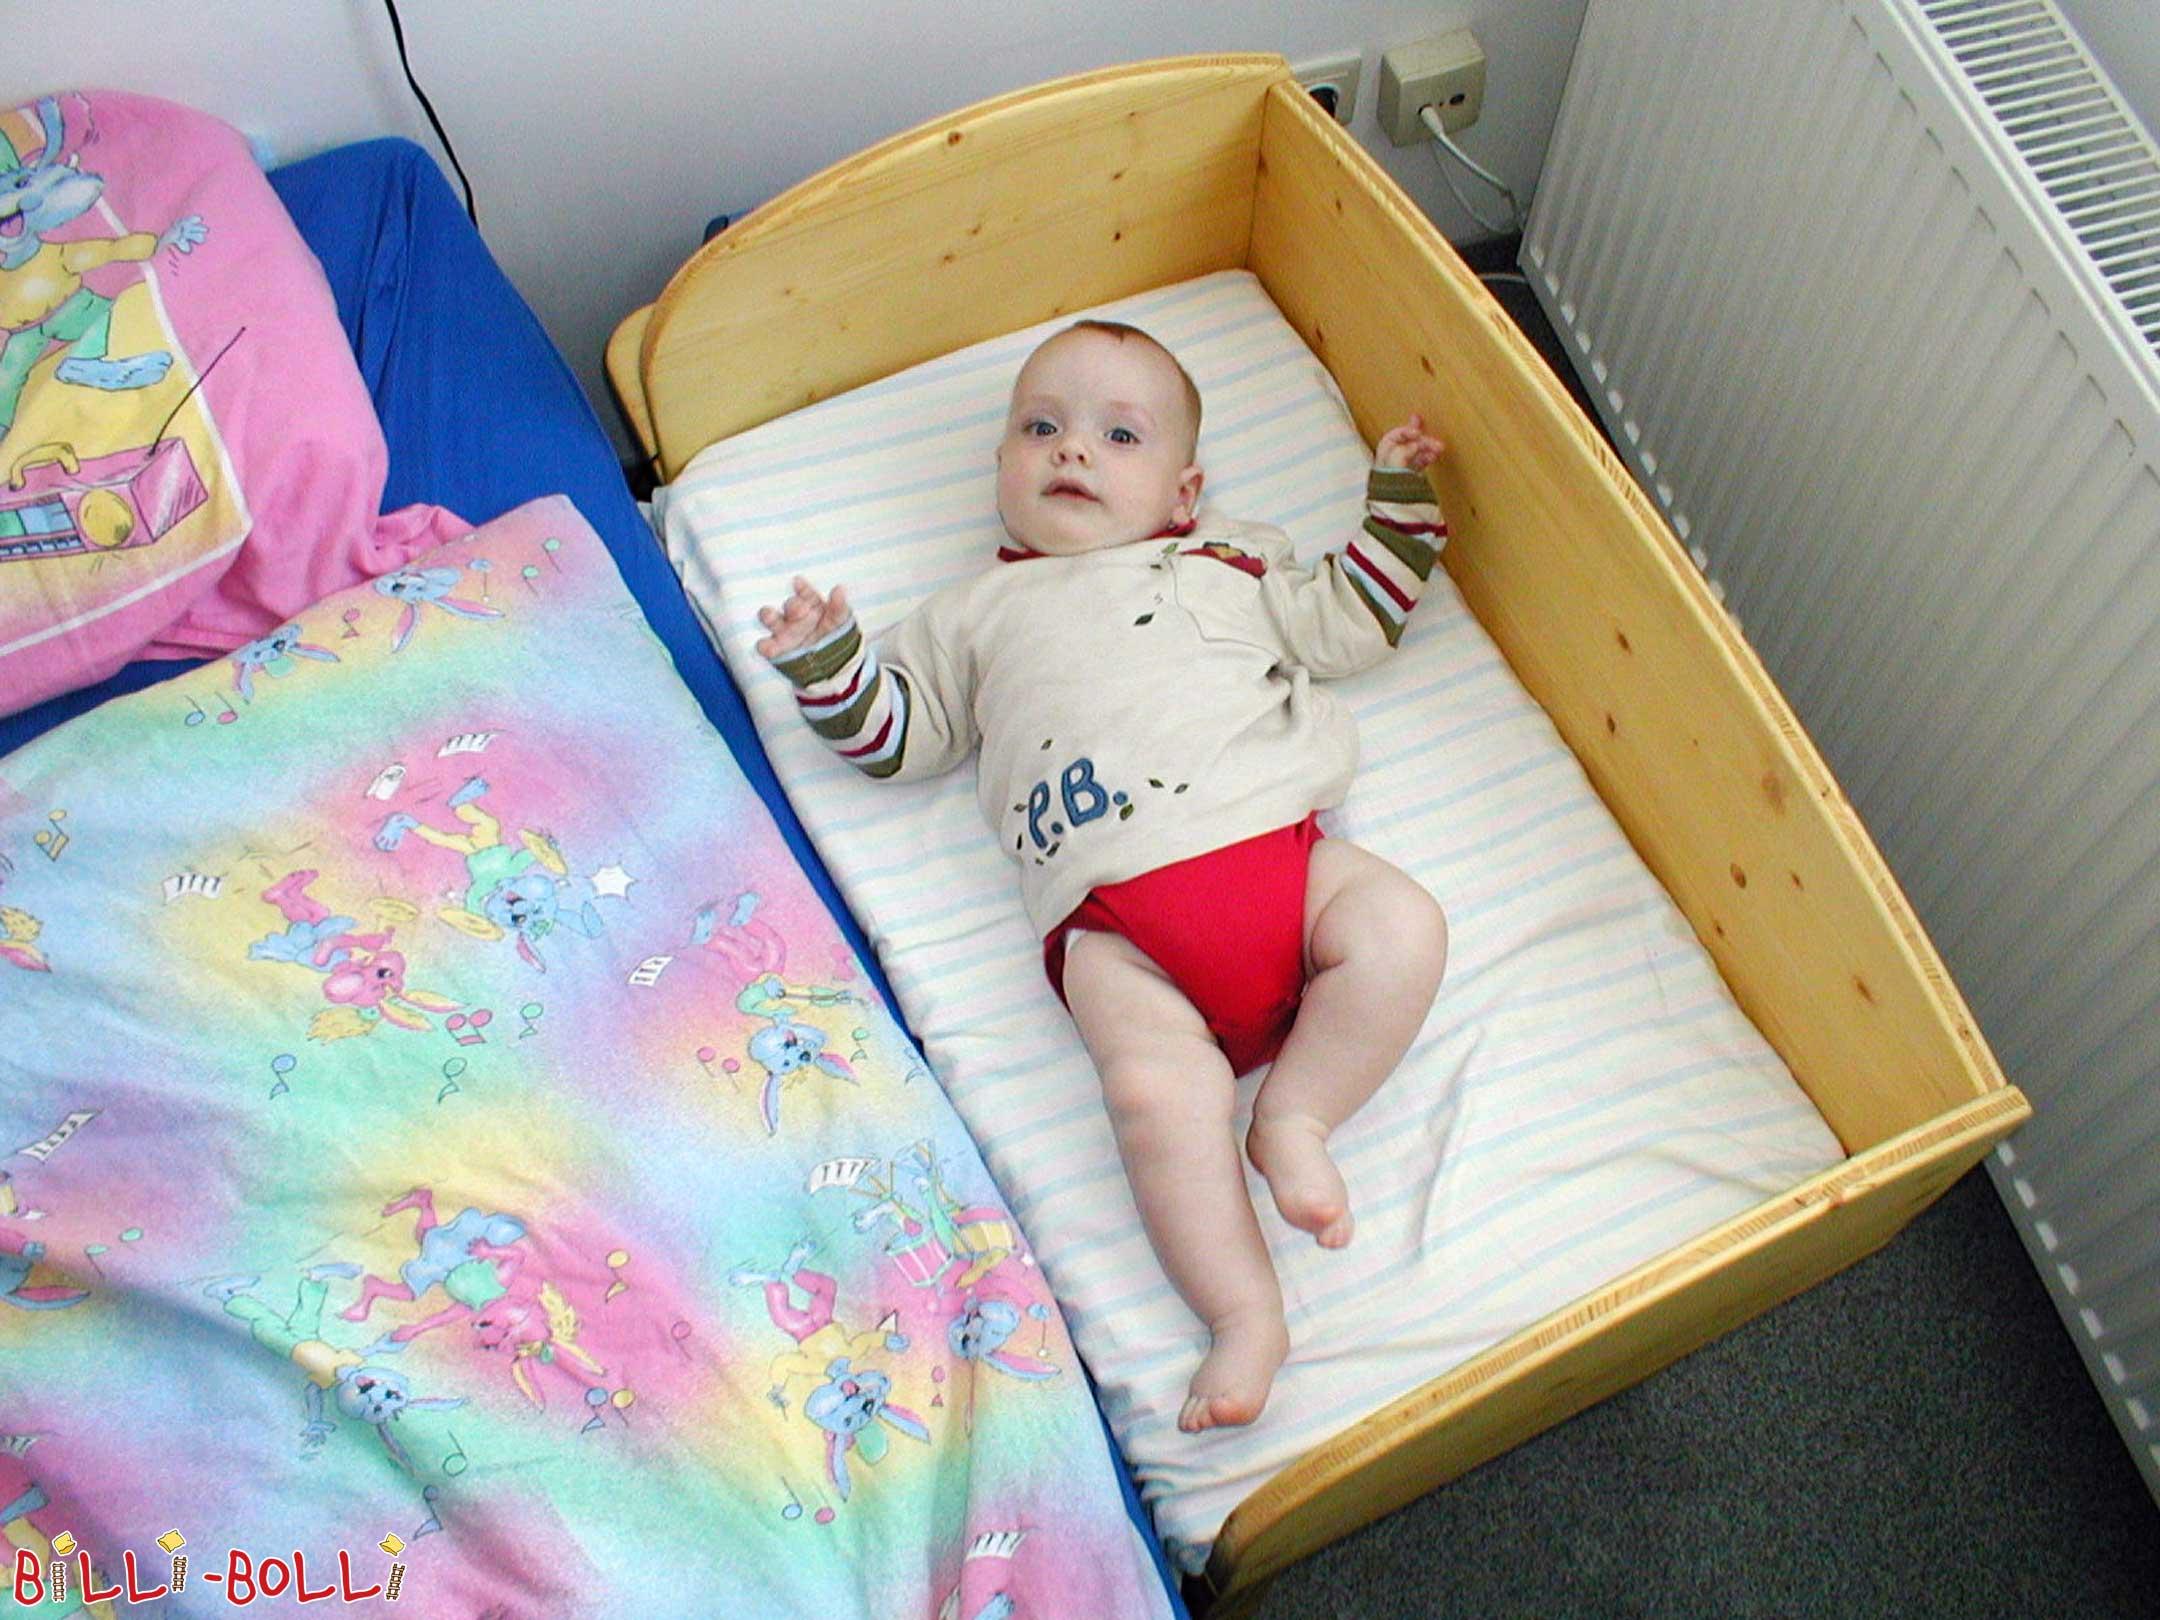 lit couchette cr che meubles pour enfants billi bolli. Black Bedroom Furniture Sets. Home Design Ideas